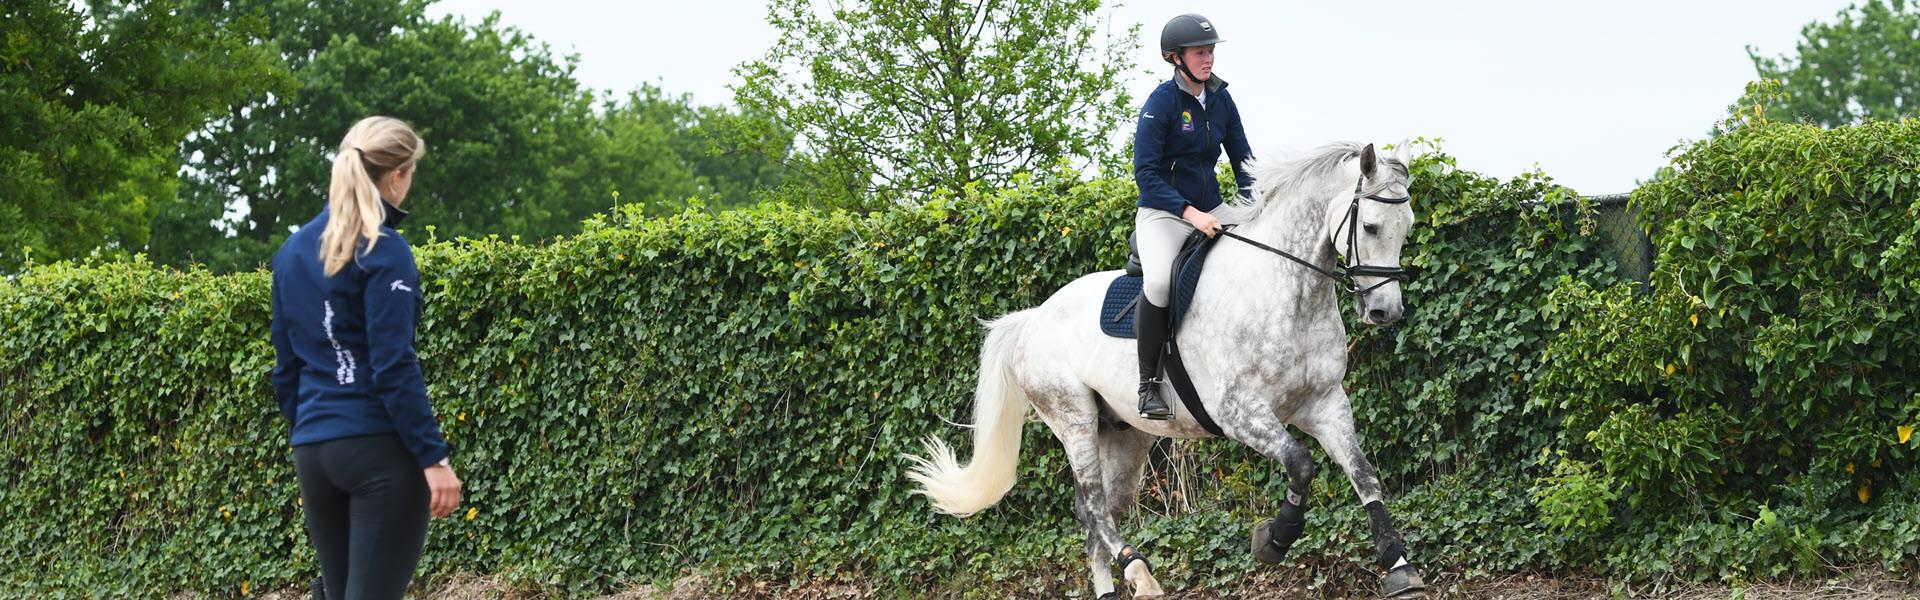 Instructeur met leerling op een paard